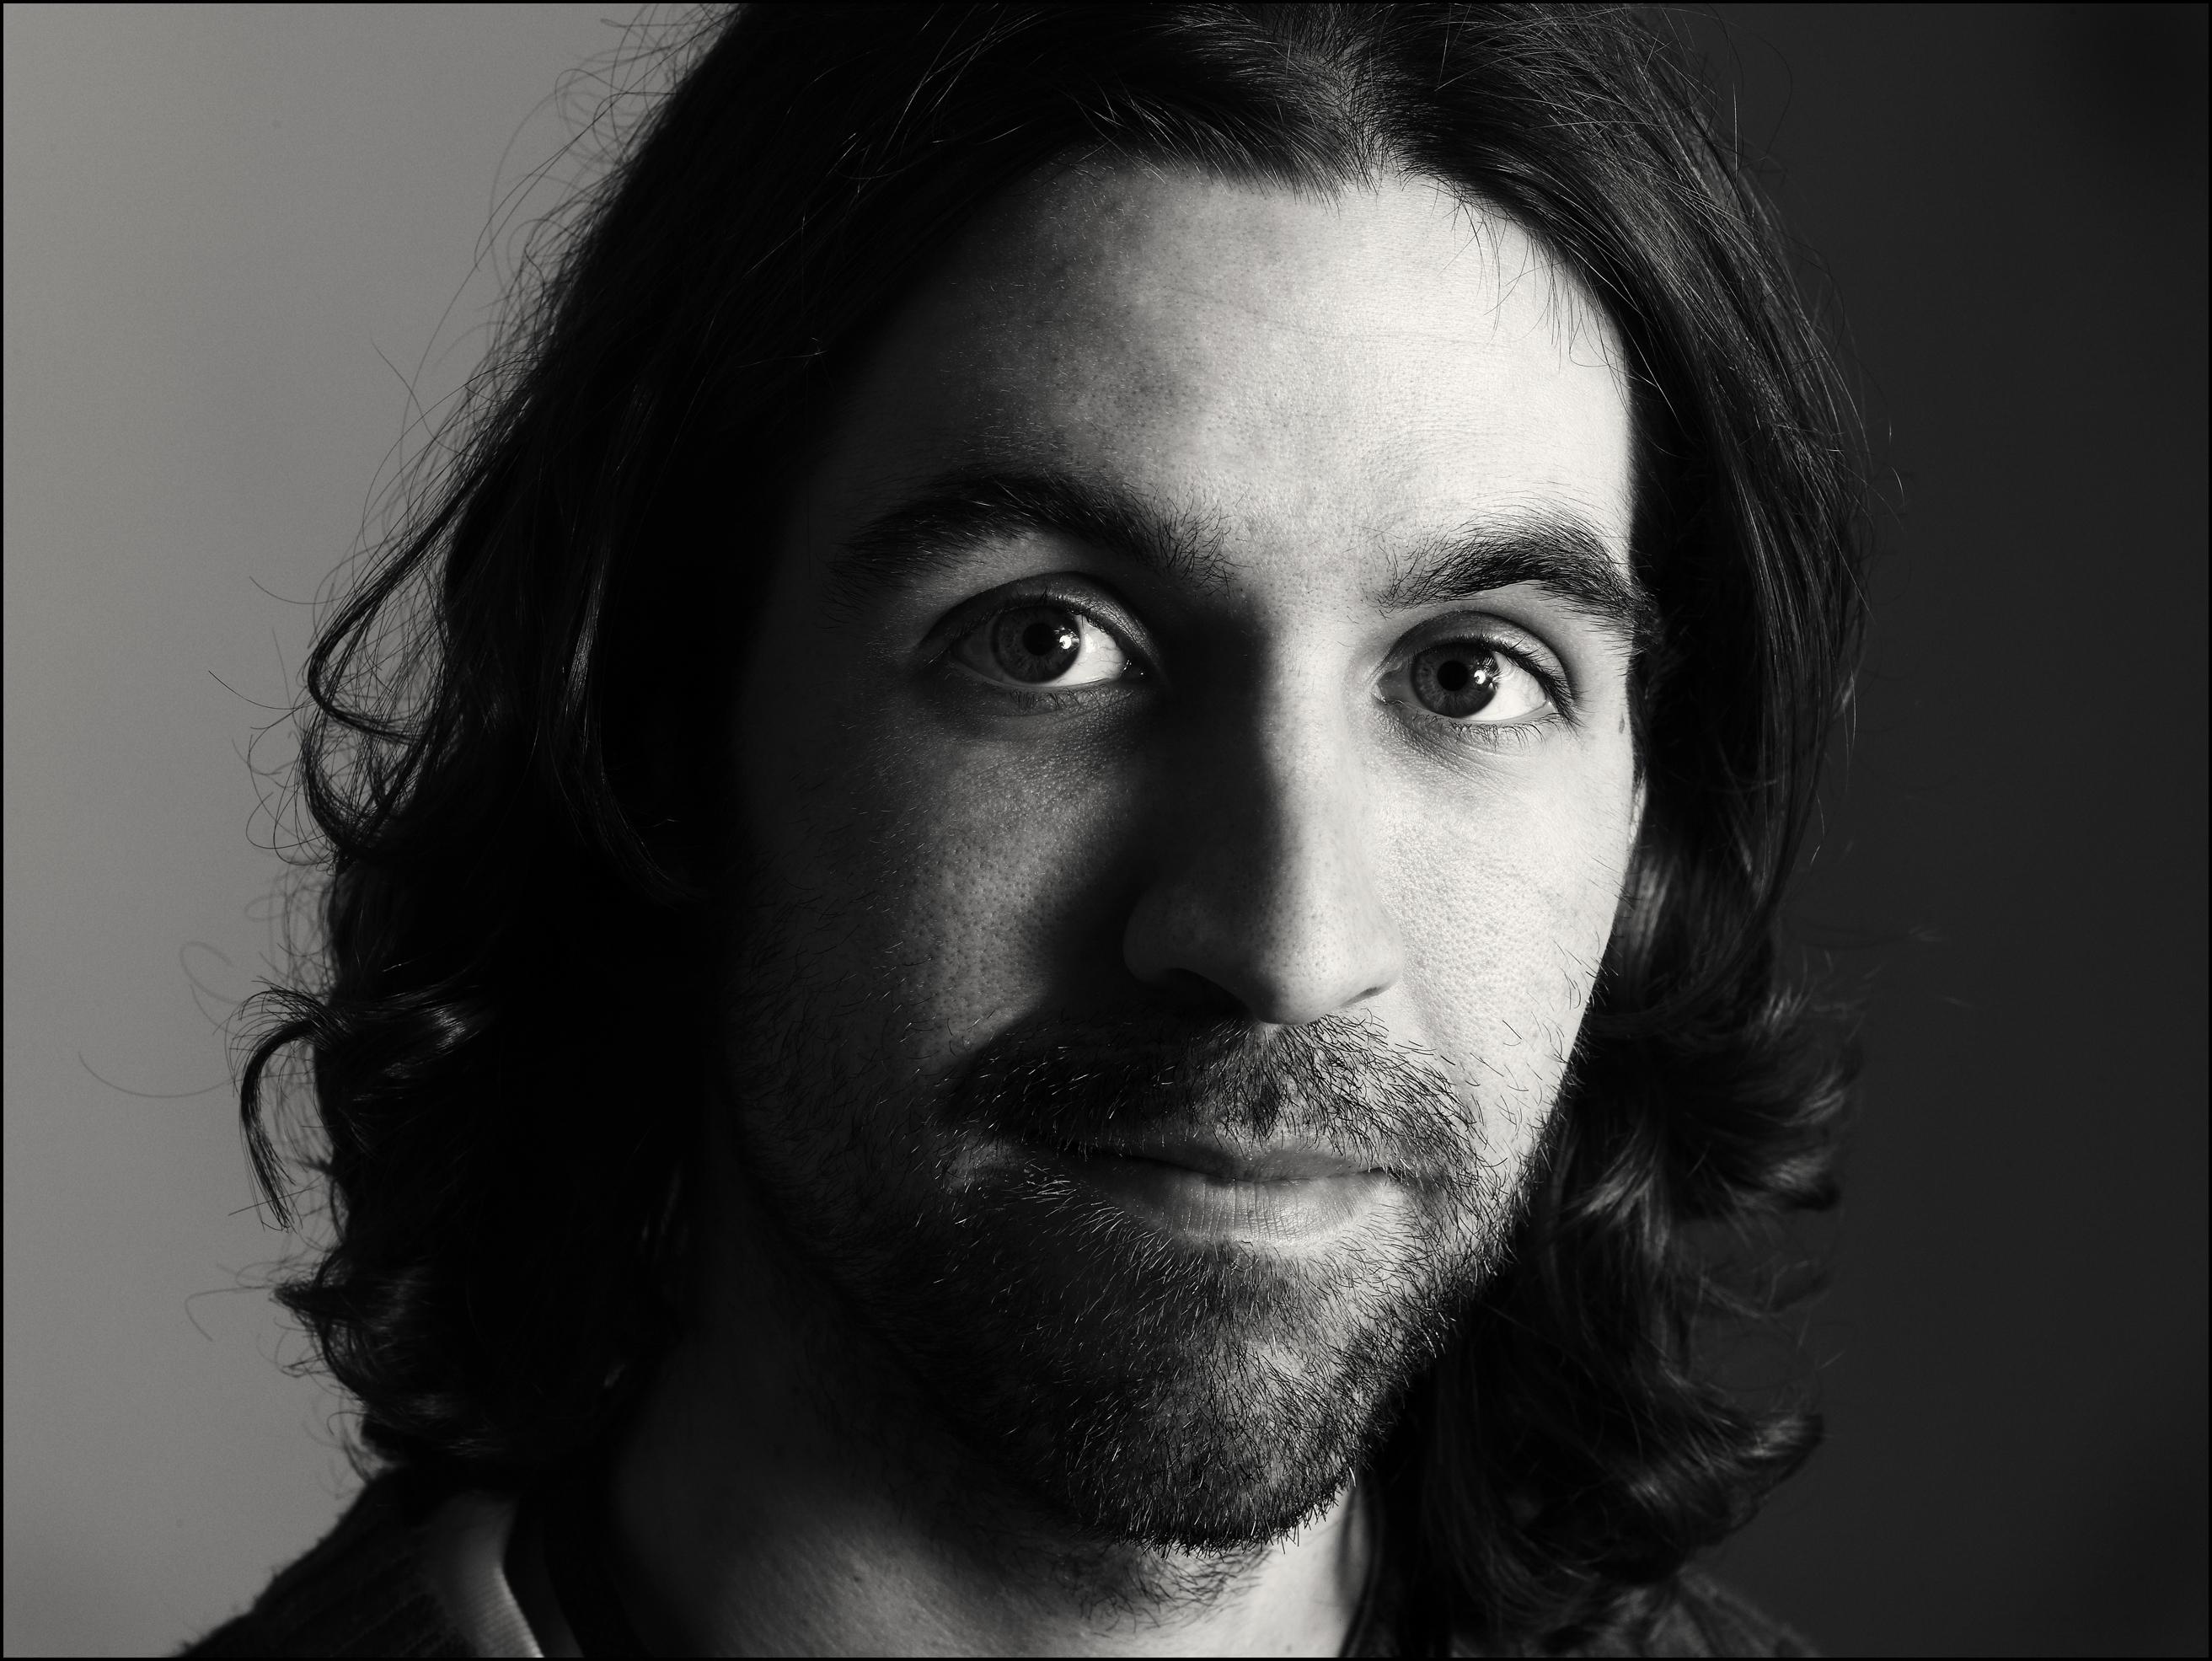 Jon - Musician